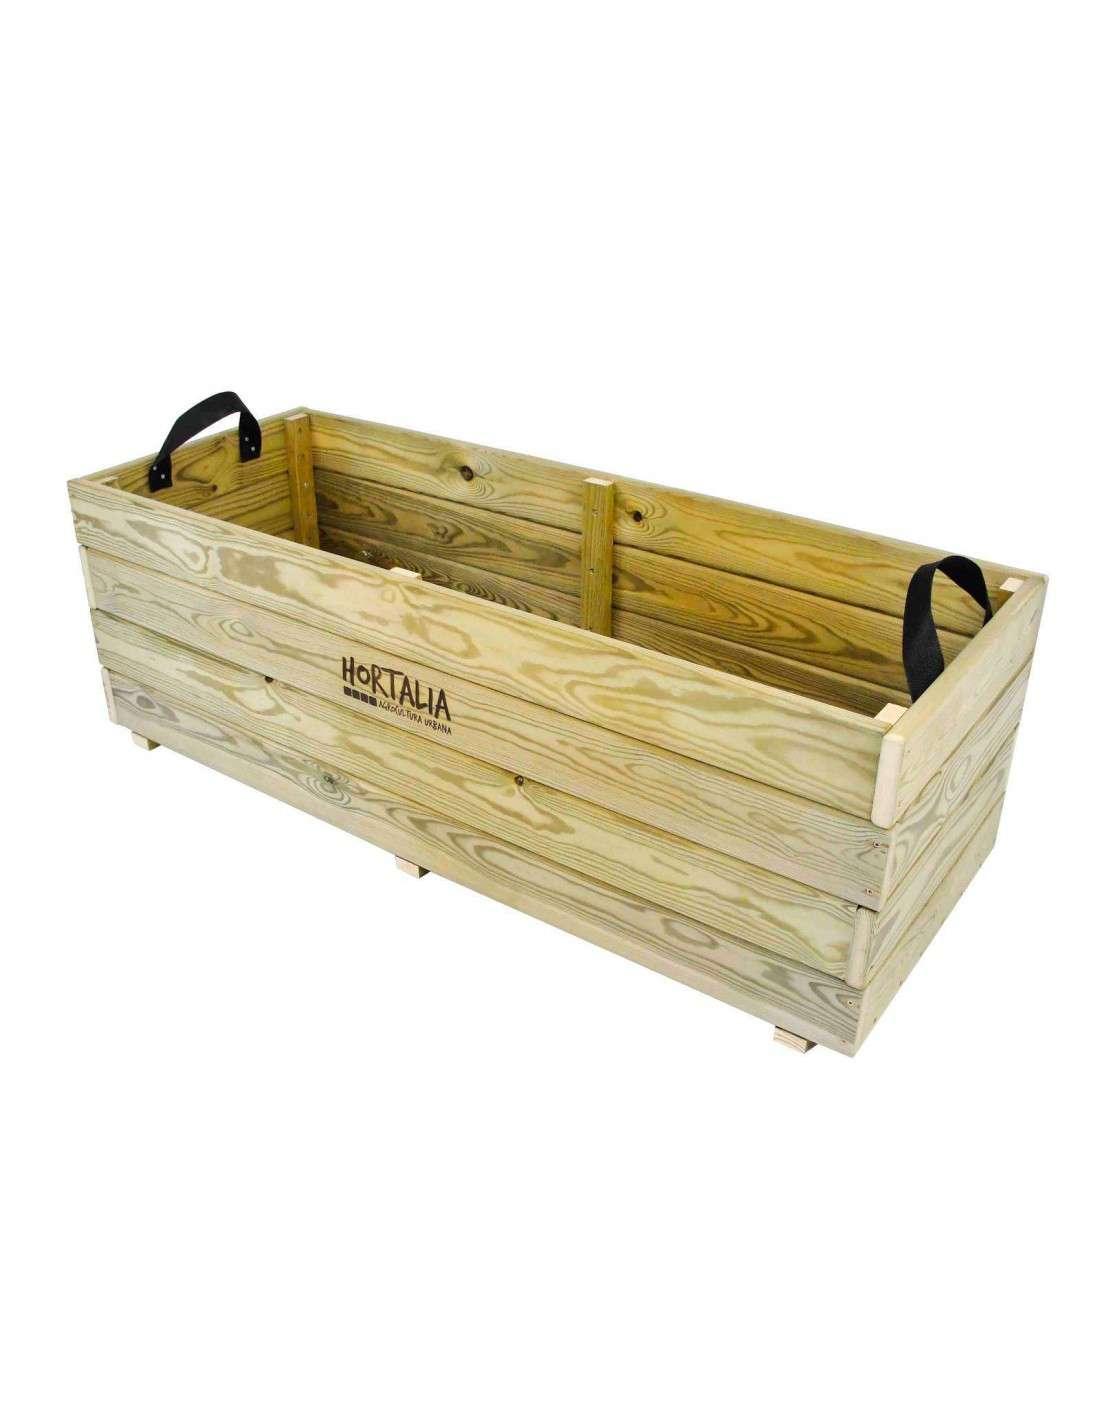 Jardinera de madera 120x45x40cm hortalia cocopot huerto urbano - Jardineras huerto urbano ...